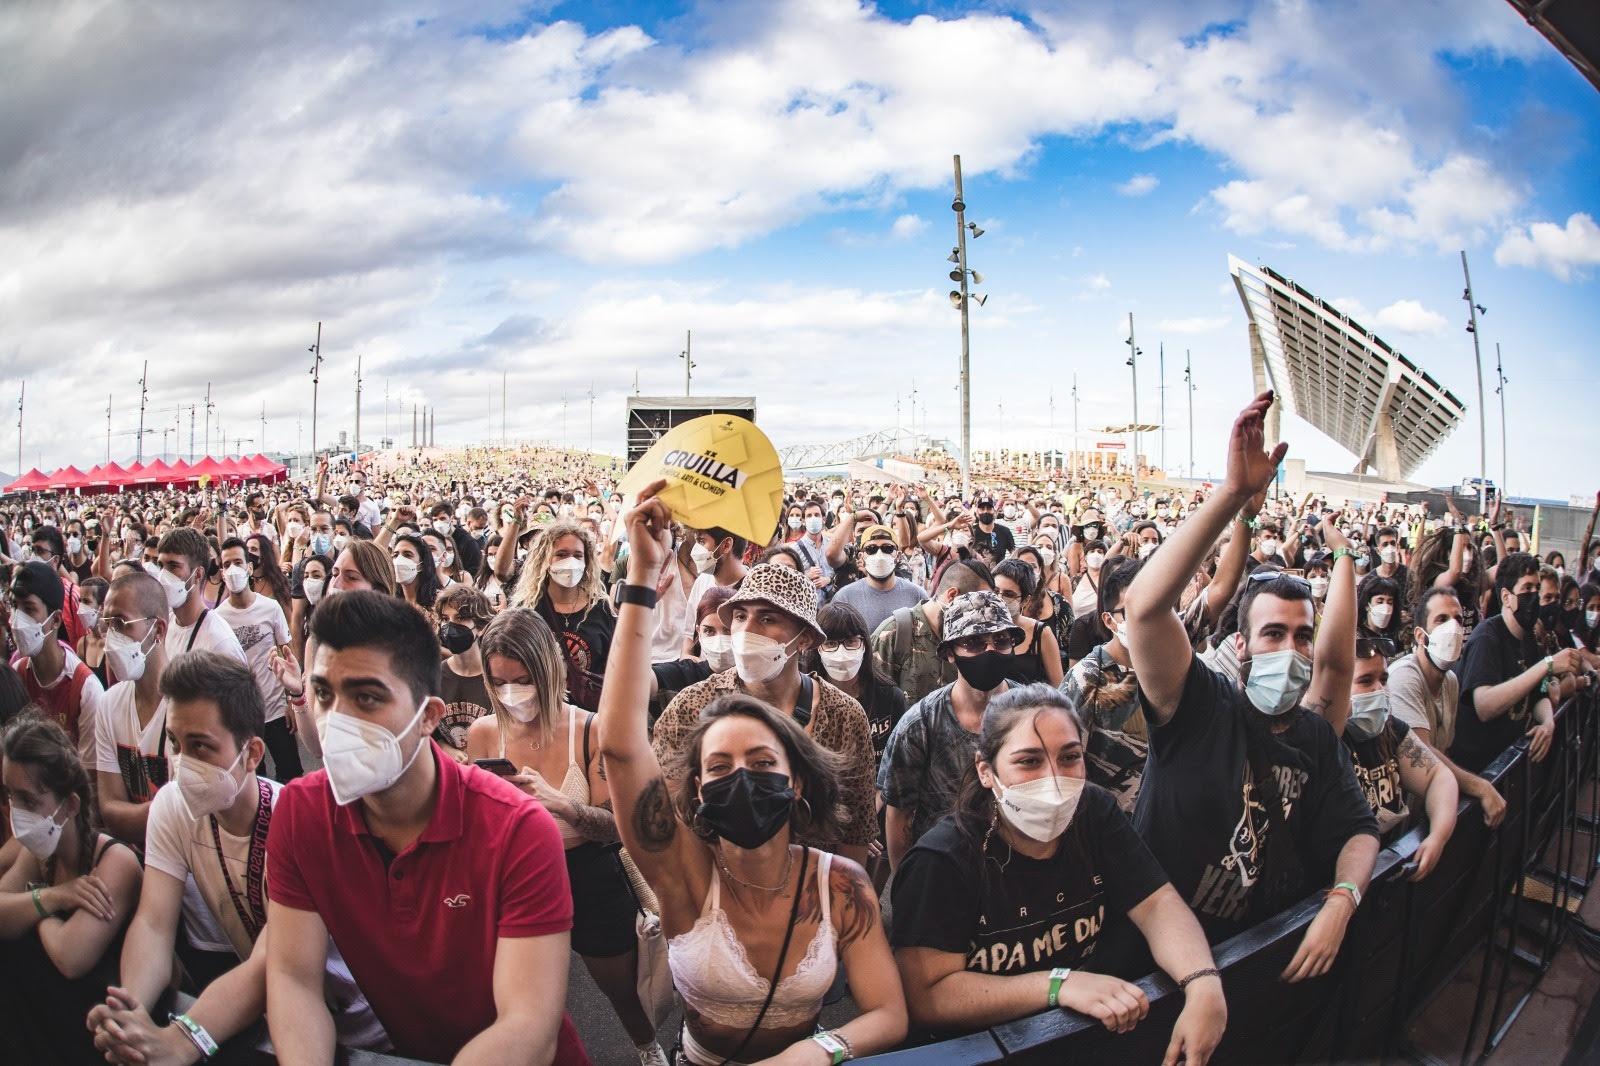 """Barcelona celebrated Cruïlla, a music festival in a """"safe bubble"""" free of covid"""